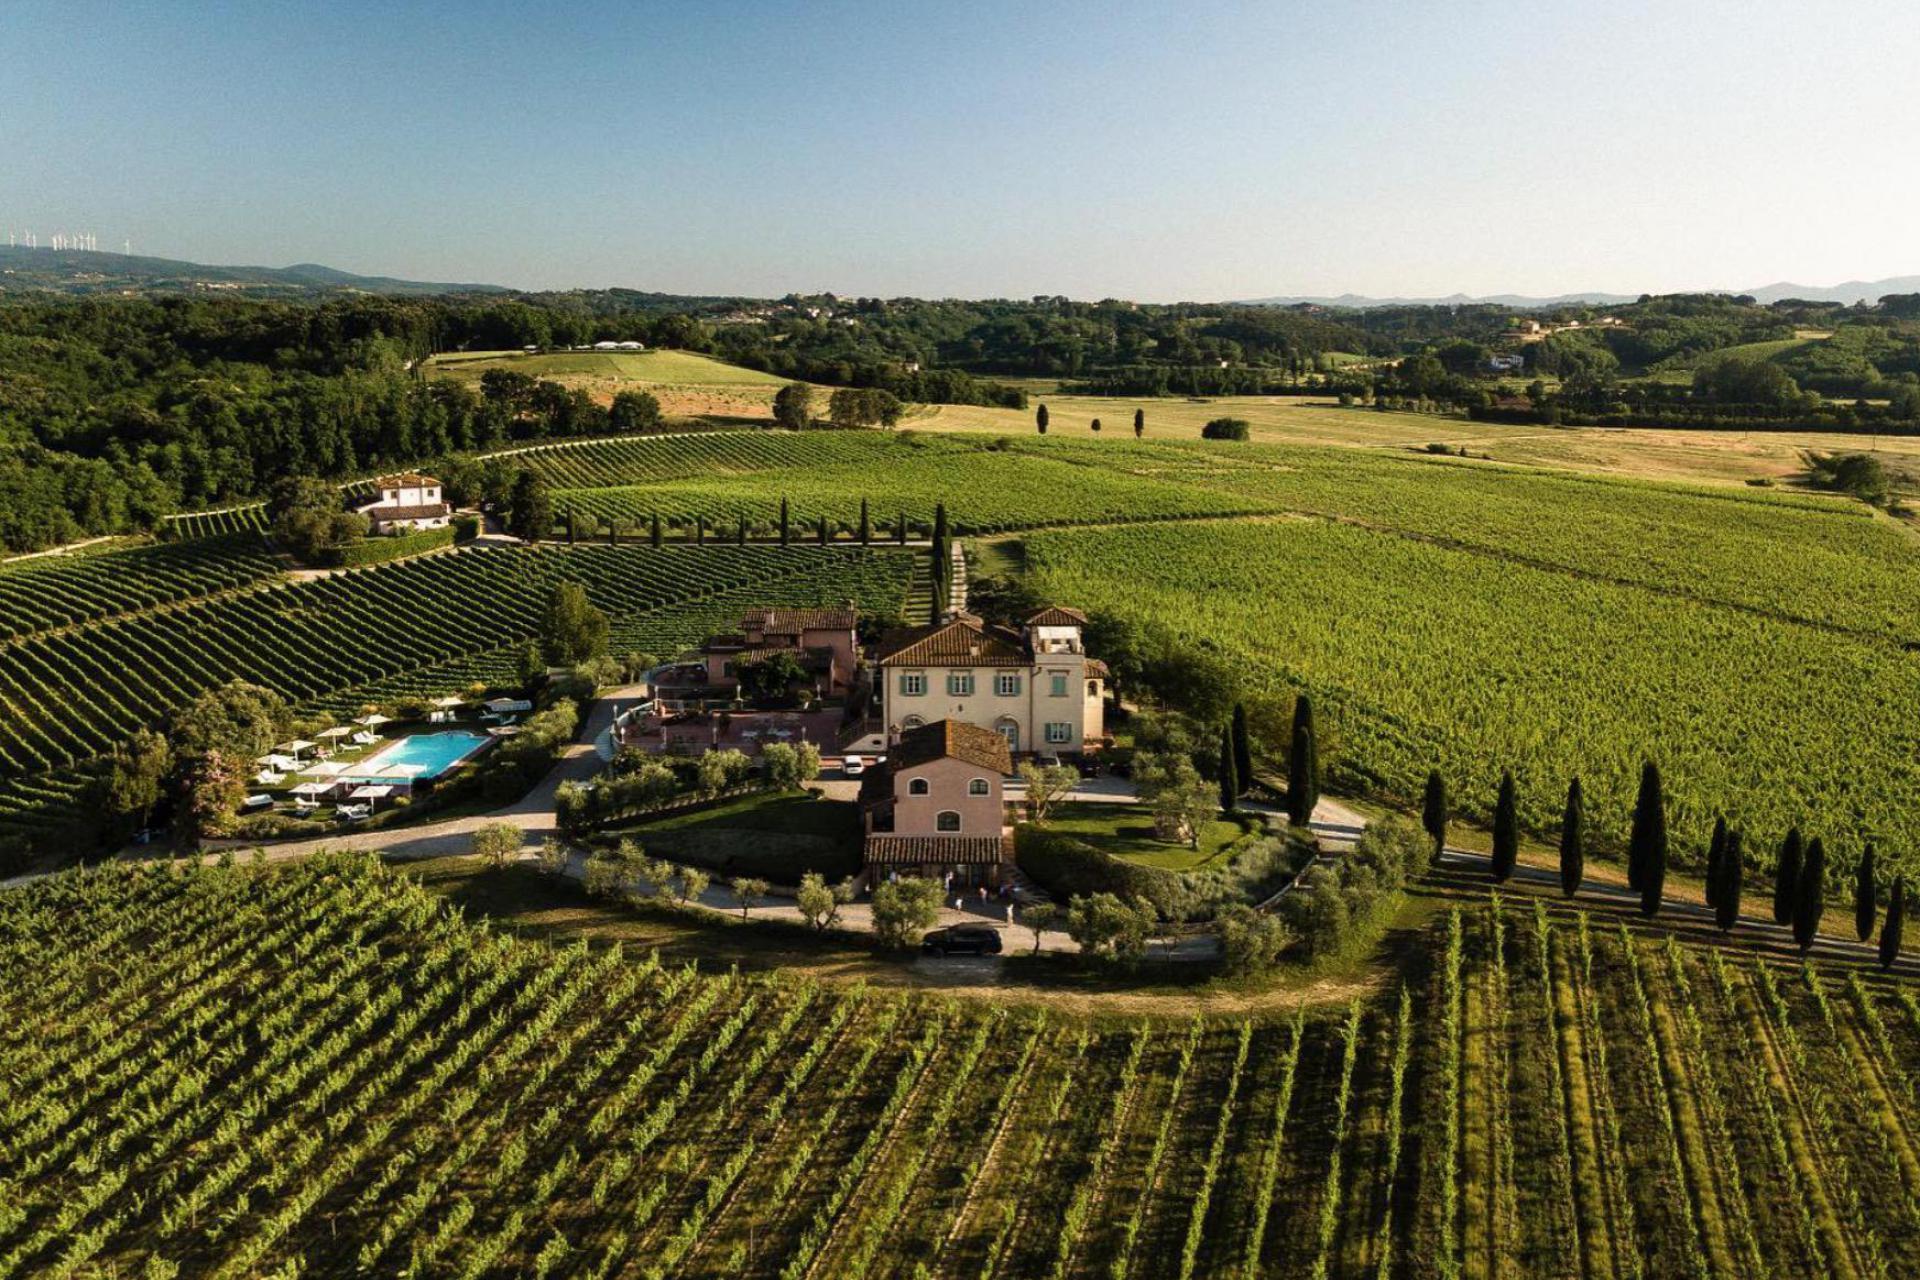 Agriturismo Toscana Azienda vinicola e agriturismo di lusso vicino Pisa